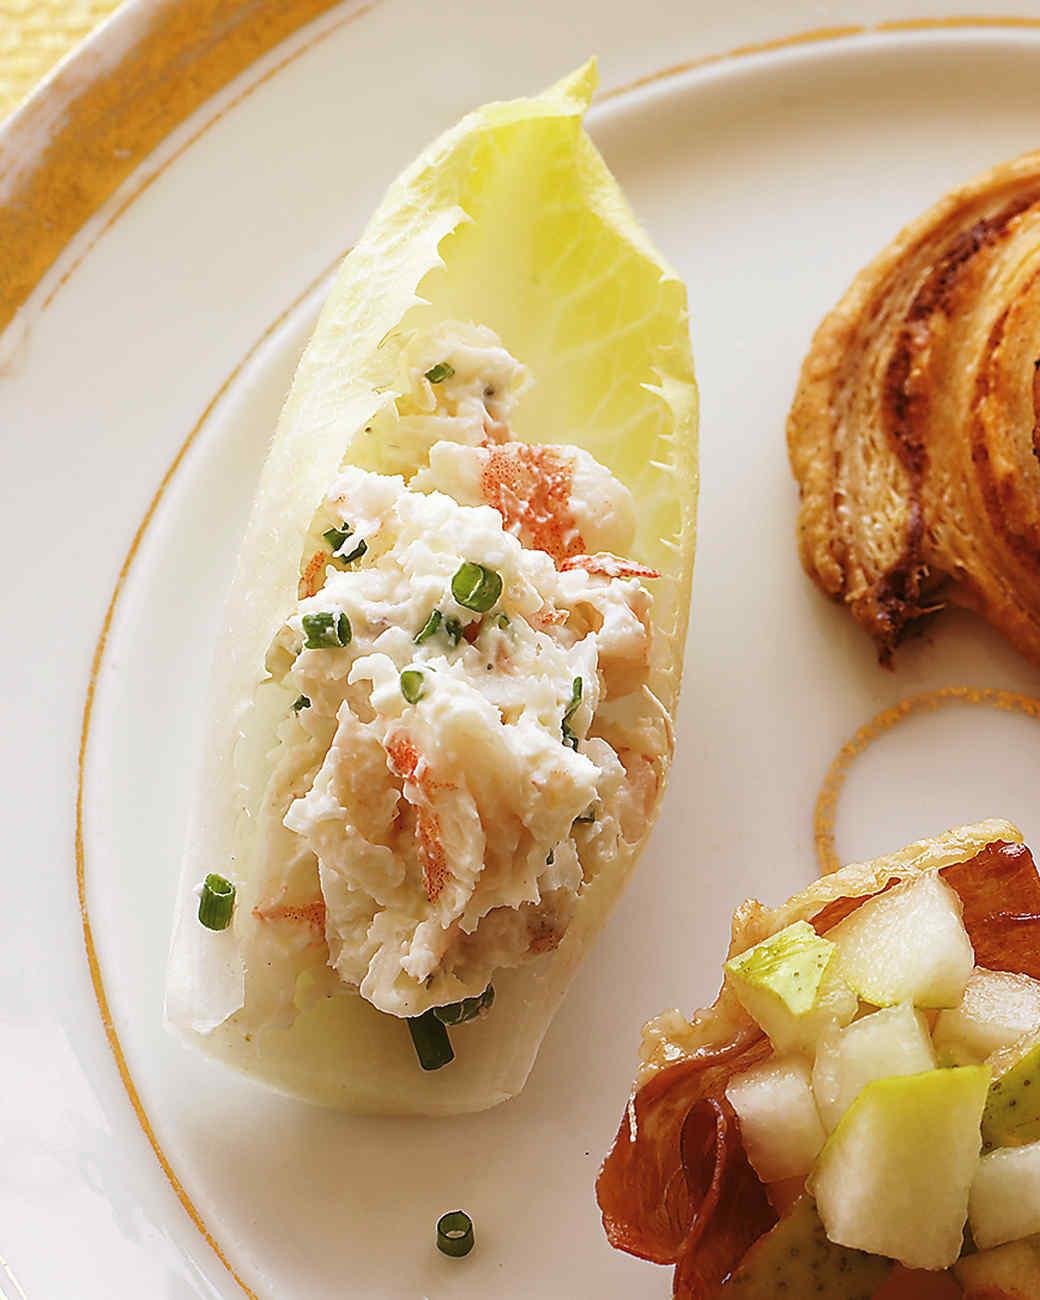 Endive with Shrimp Salad